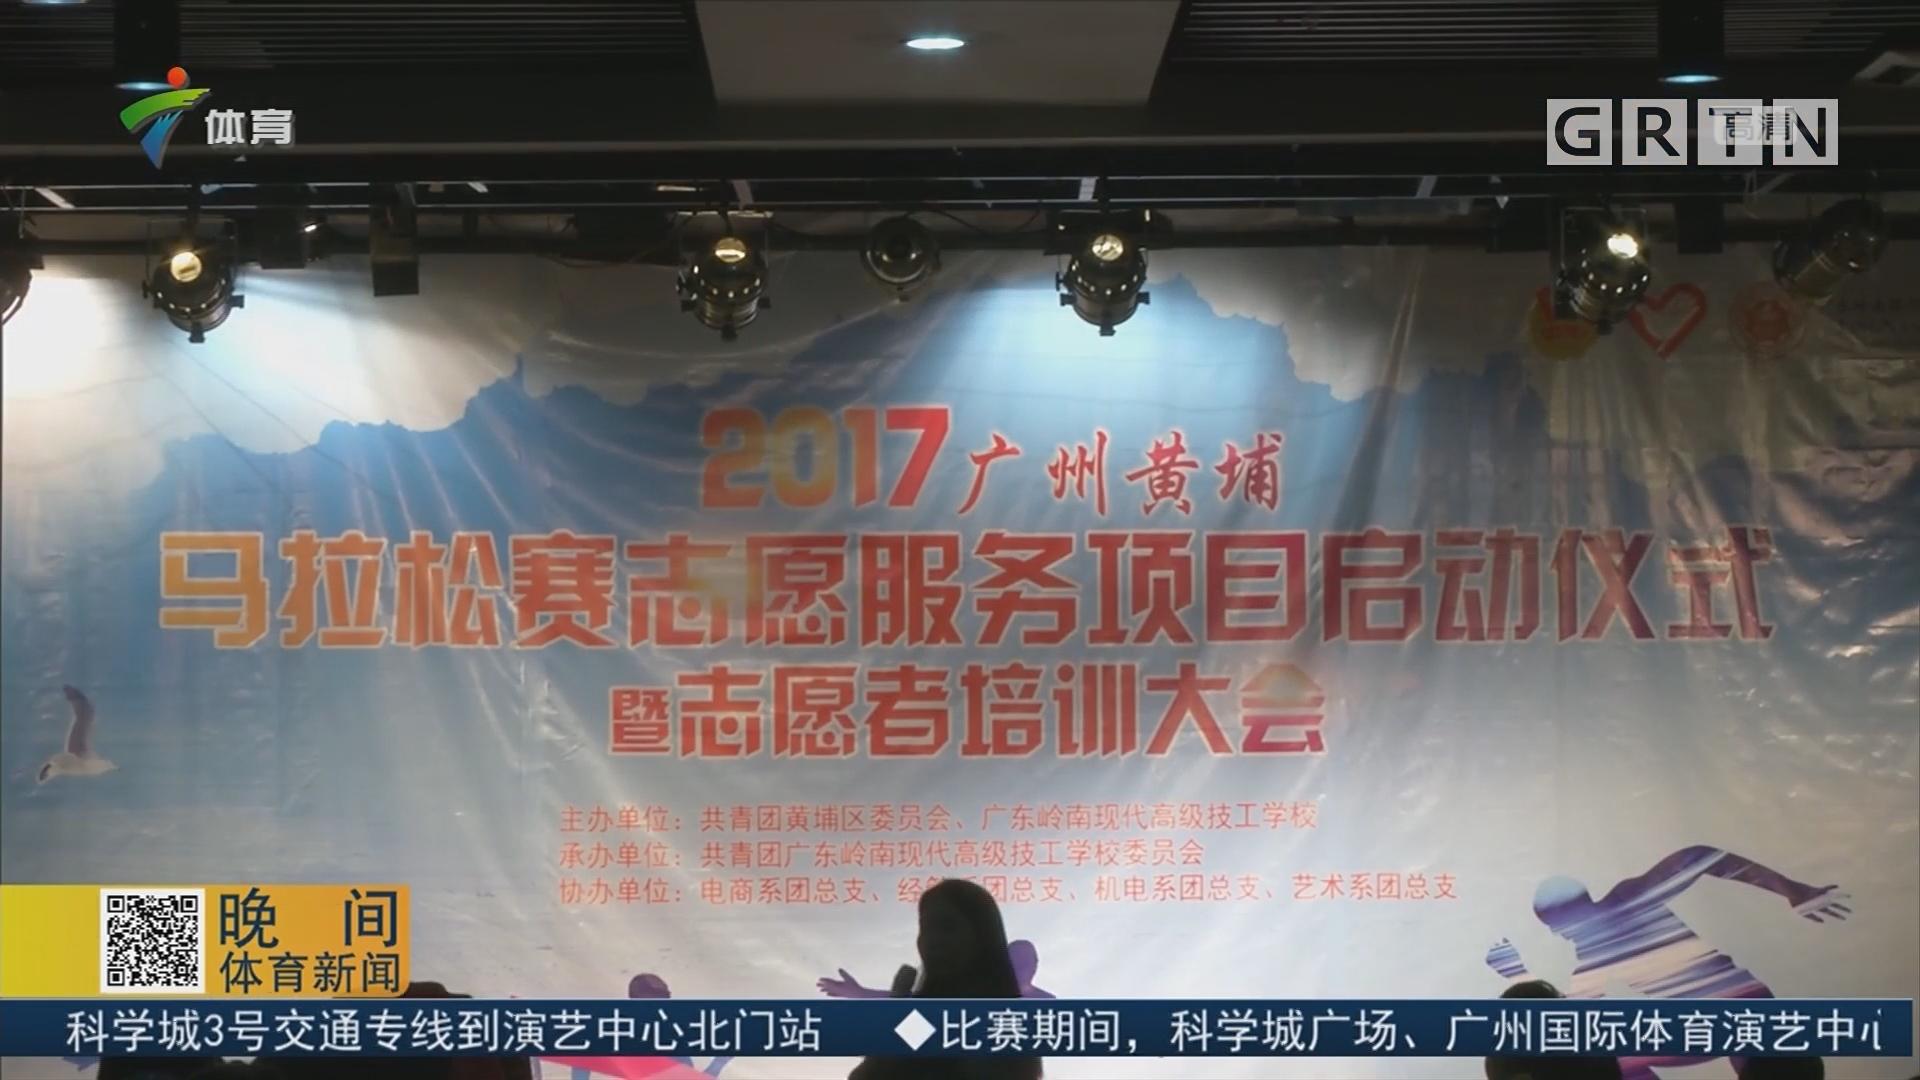 宝能·广州黄埔马拉松志愿者工作 院校积极响应